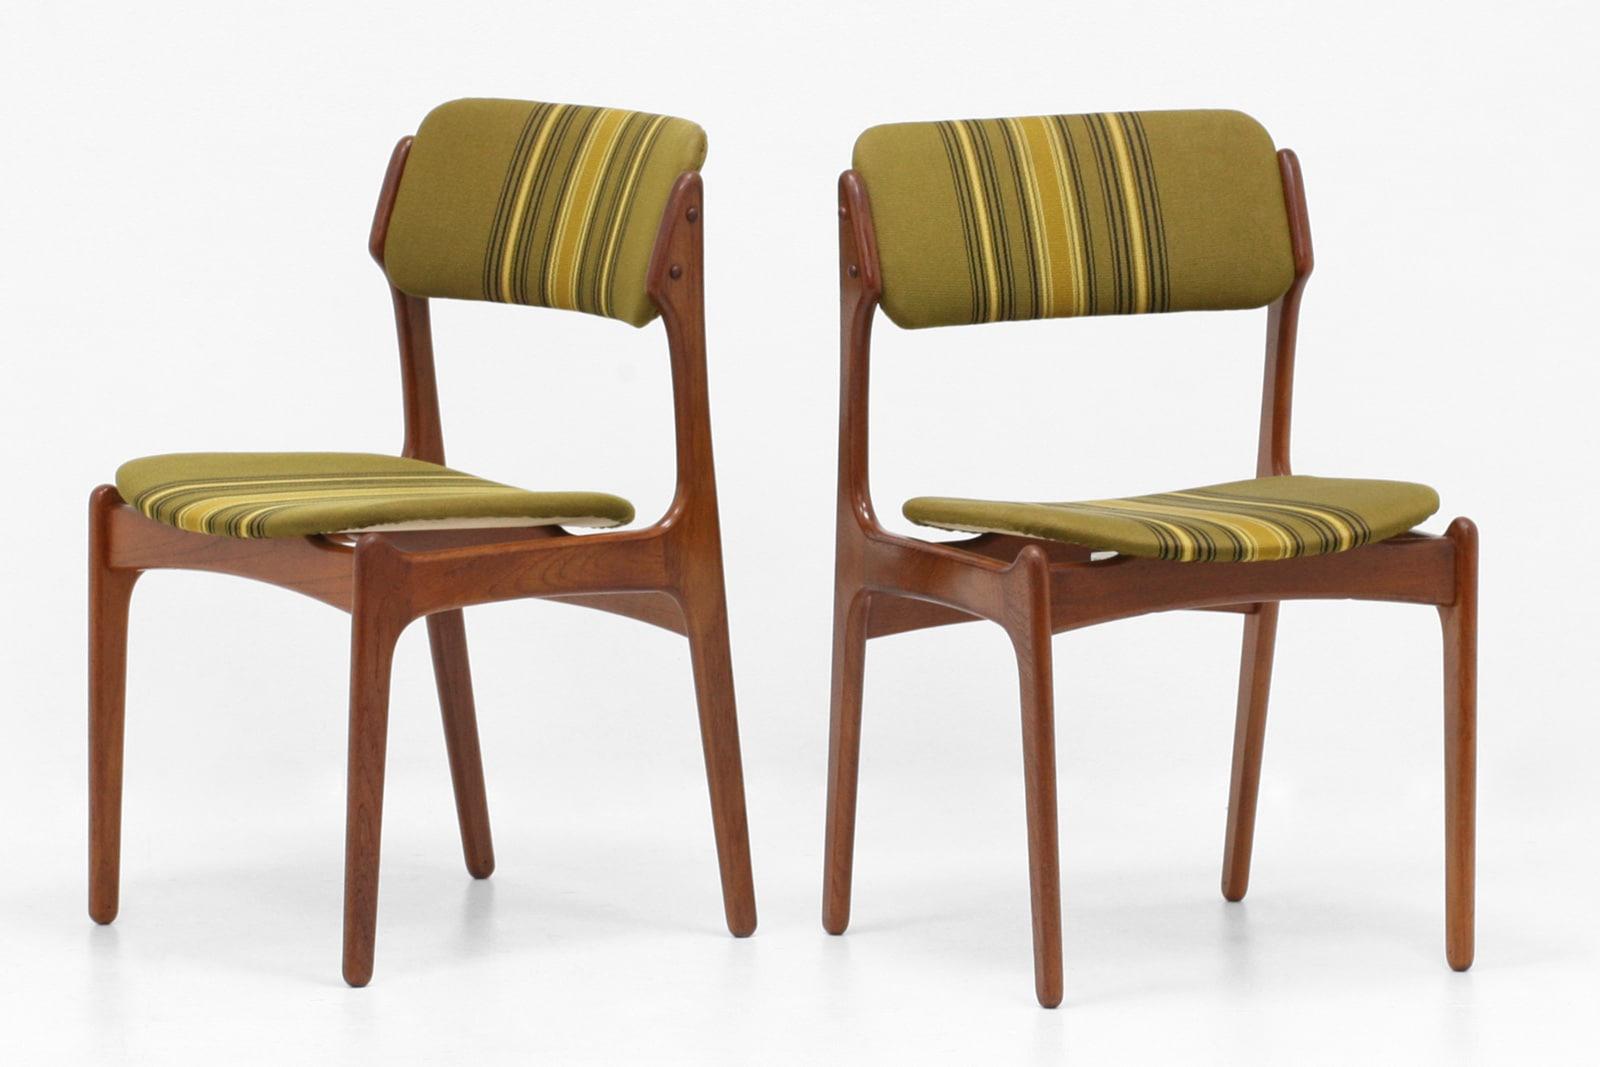 北欧,デザイナーズ,家具,ErikBuch,model49,チェア,2脚,セット